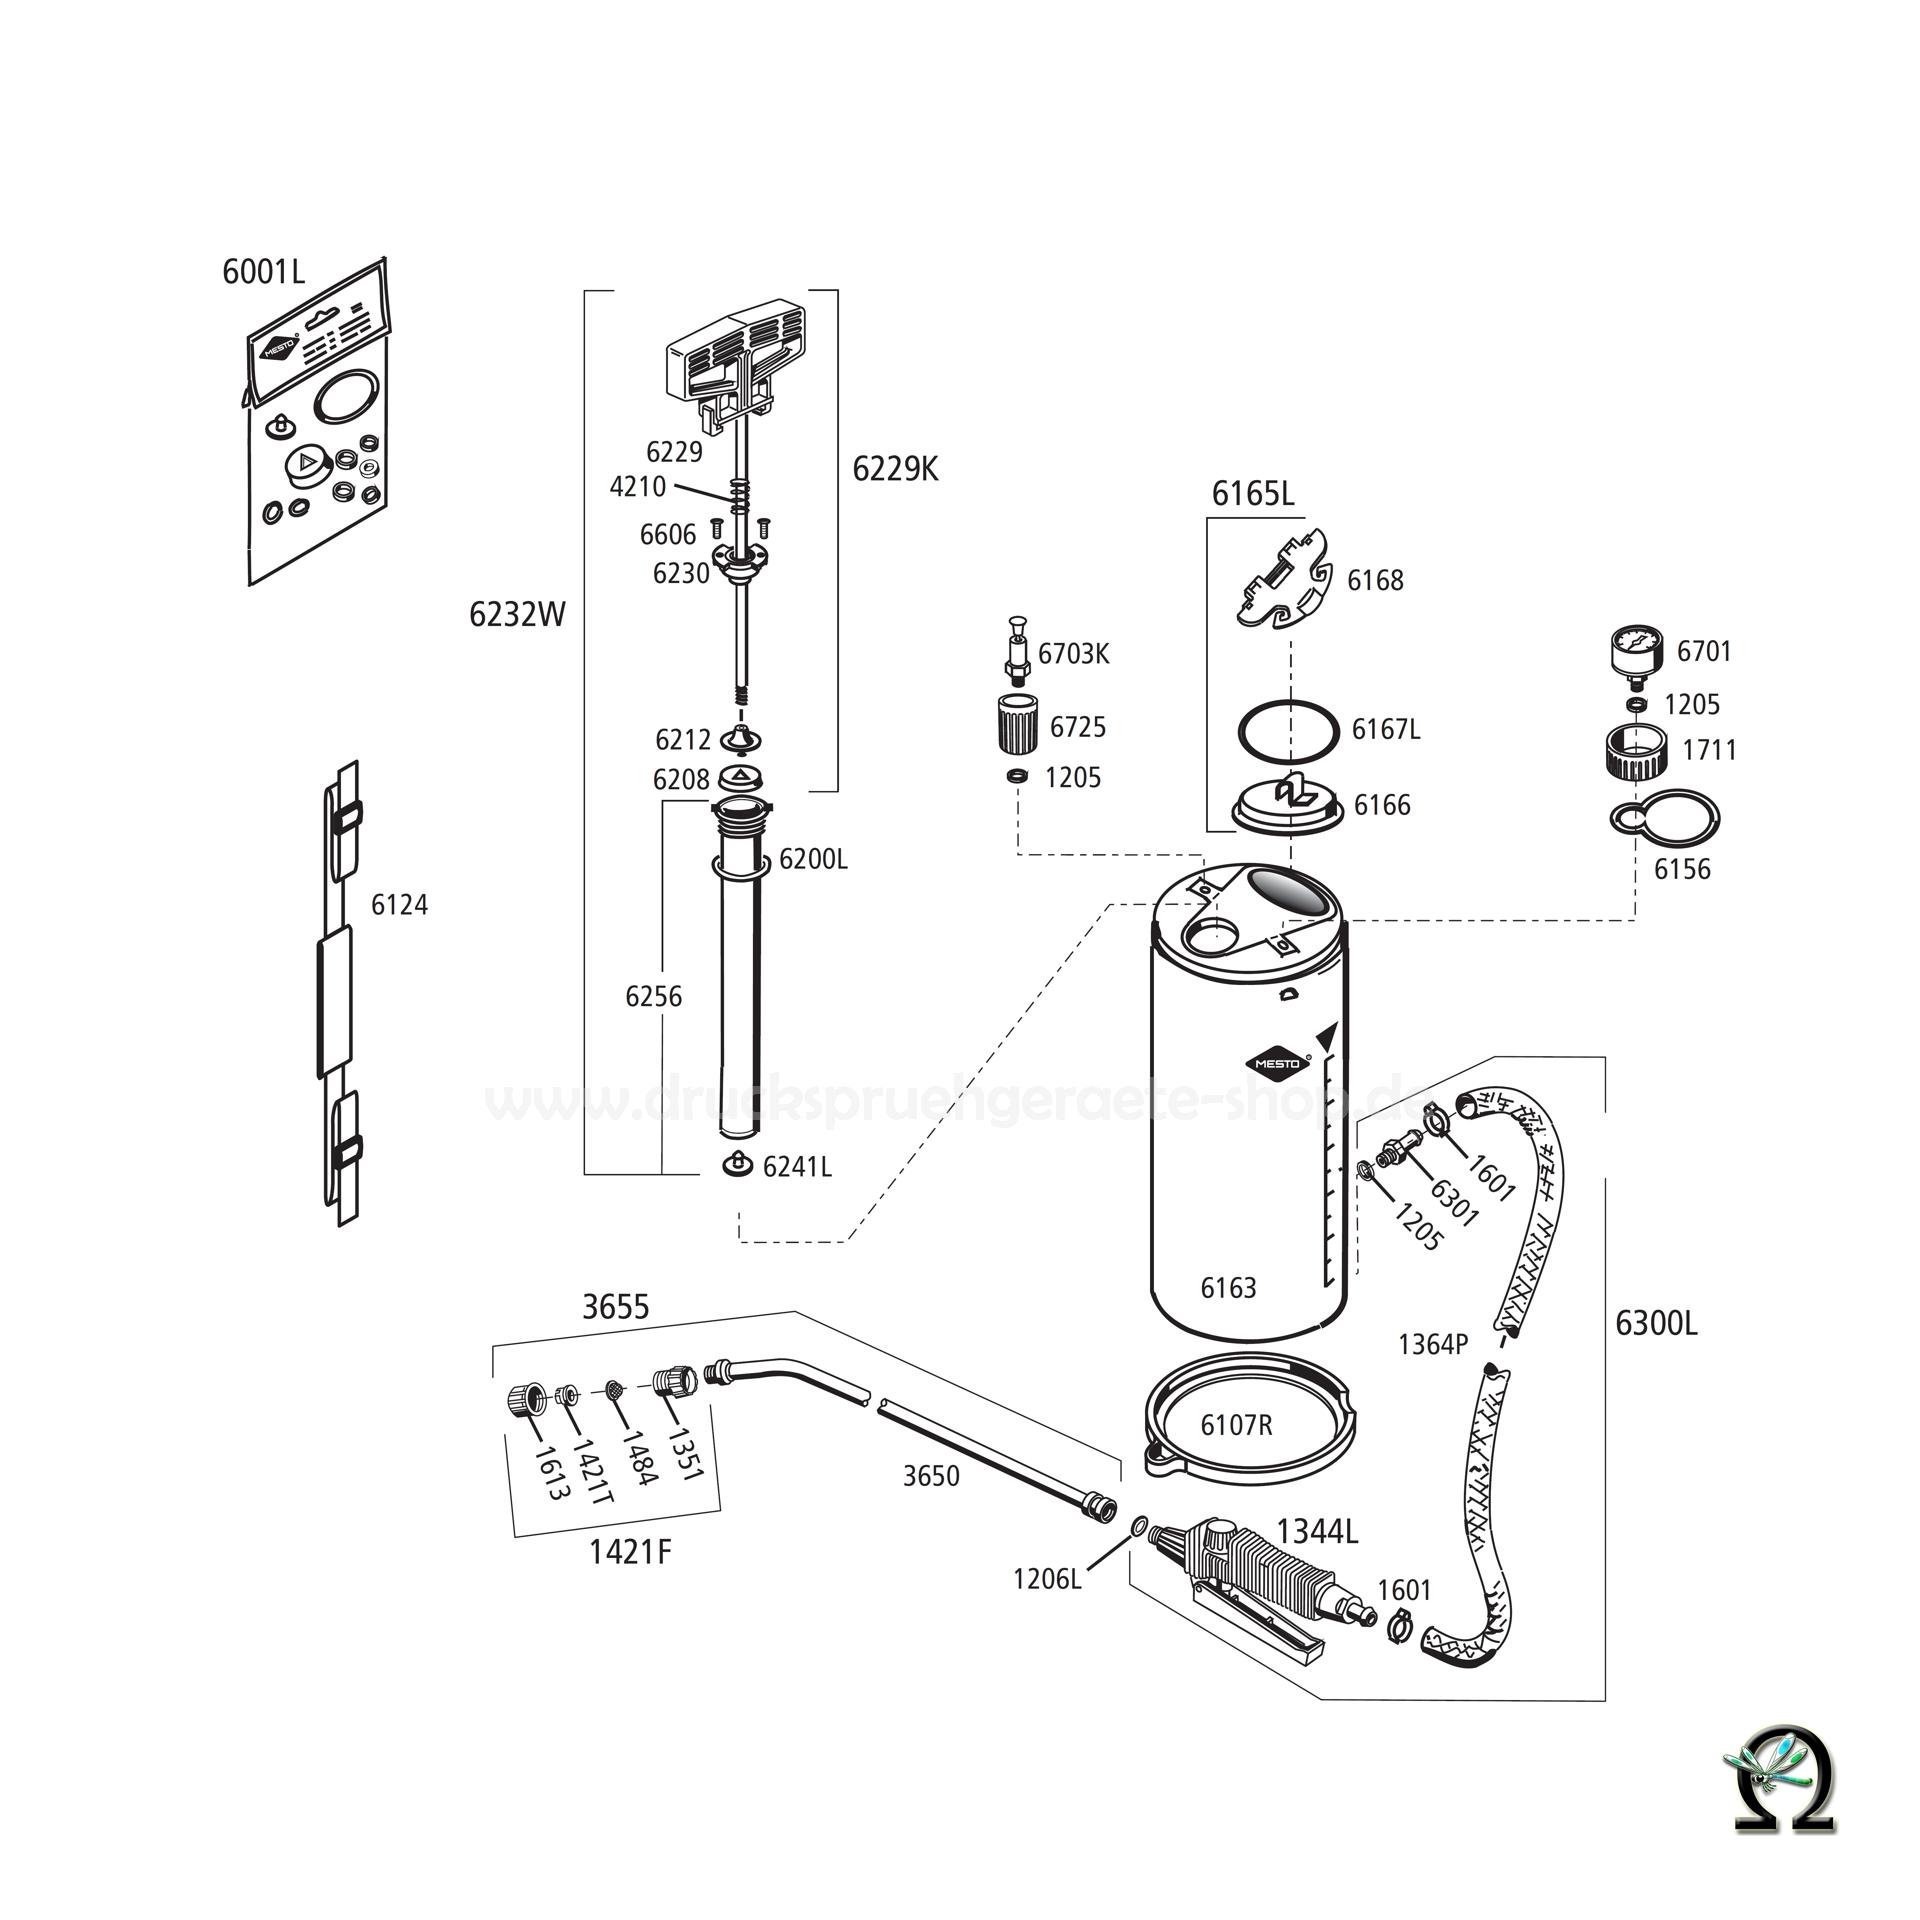 MESTO Edelstahl-Hochdrucksprühgerät 3592P RESISTENT PLUS EXTRA - 5 Liter, Zeichnung der Einzelteile